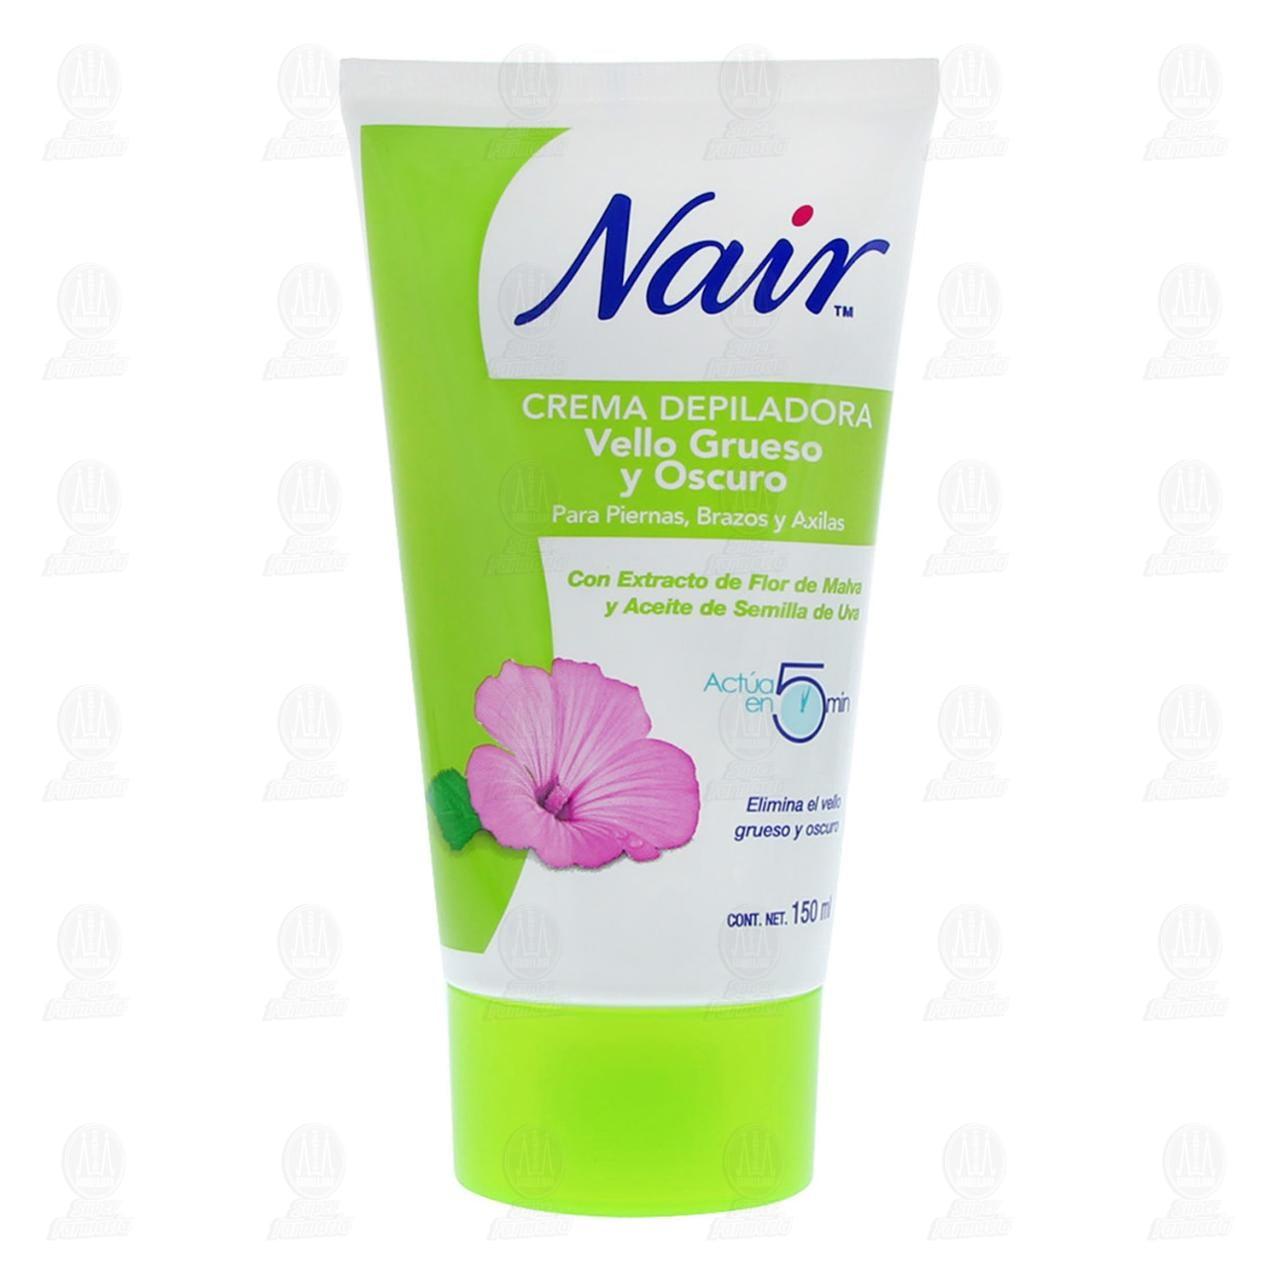 Comprar Nair Crema Depiladora Vello Grueso y Oscuro, 150 ml. en Farmacias Guadalajara